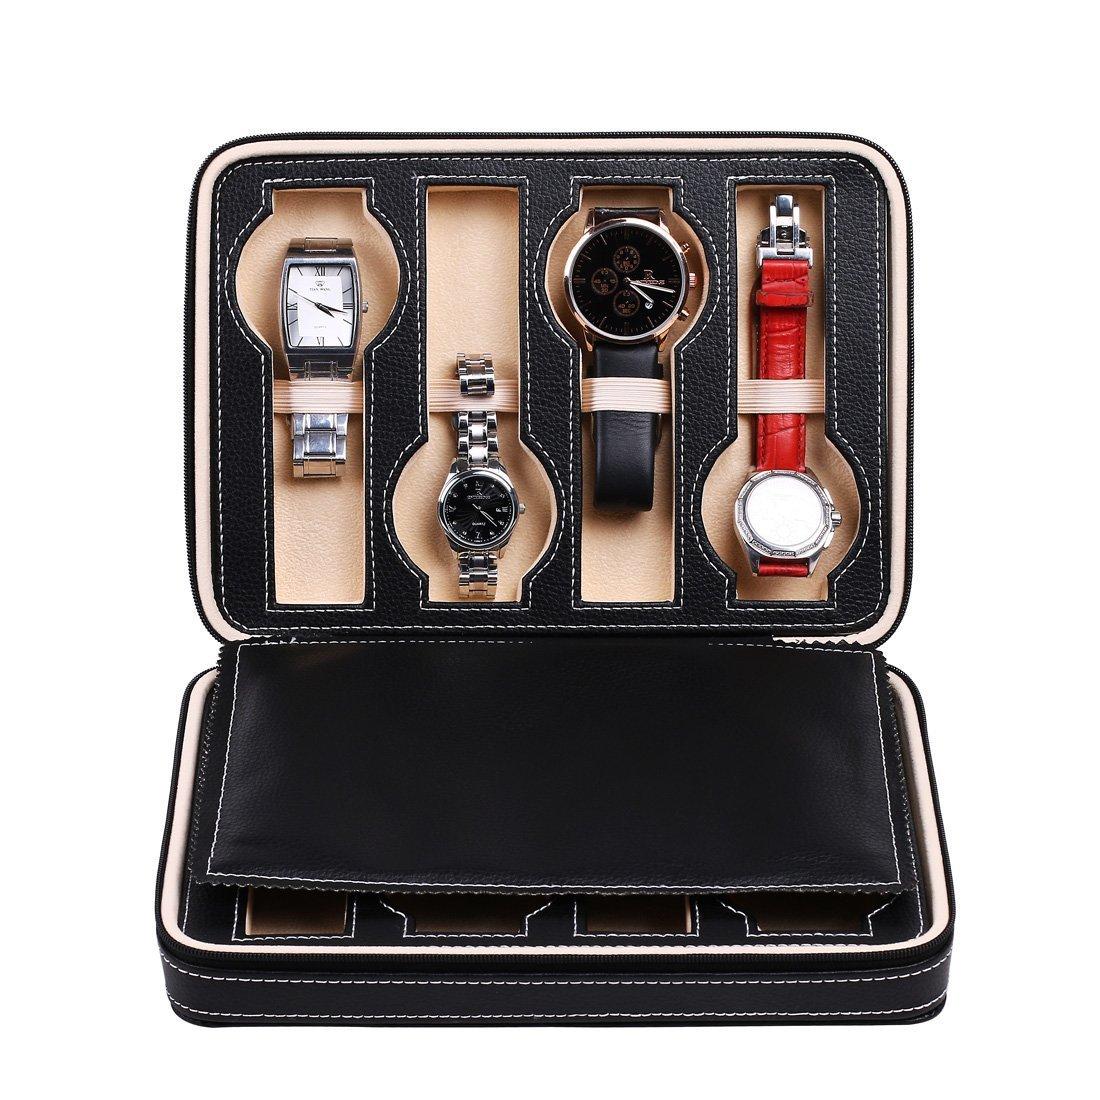 Sprout 8-slotレザーWatch Box withジッパーロック、表示ケースオーガナイザー、旅行ジュエリーストレージボックス 24cm*18cm*6cm ブラック ZHM#9 B0736V76QJ ブラック ブラック